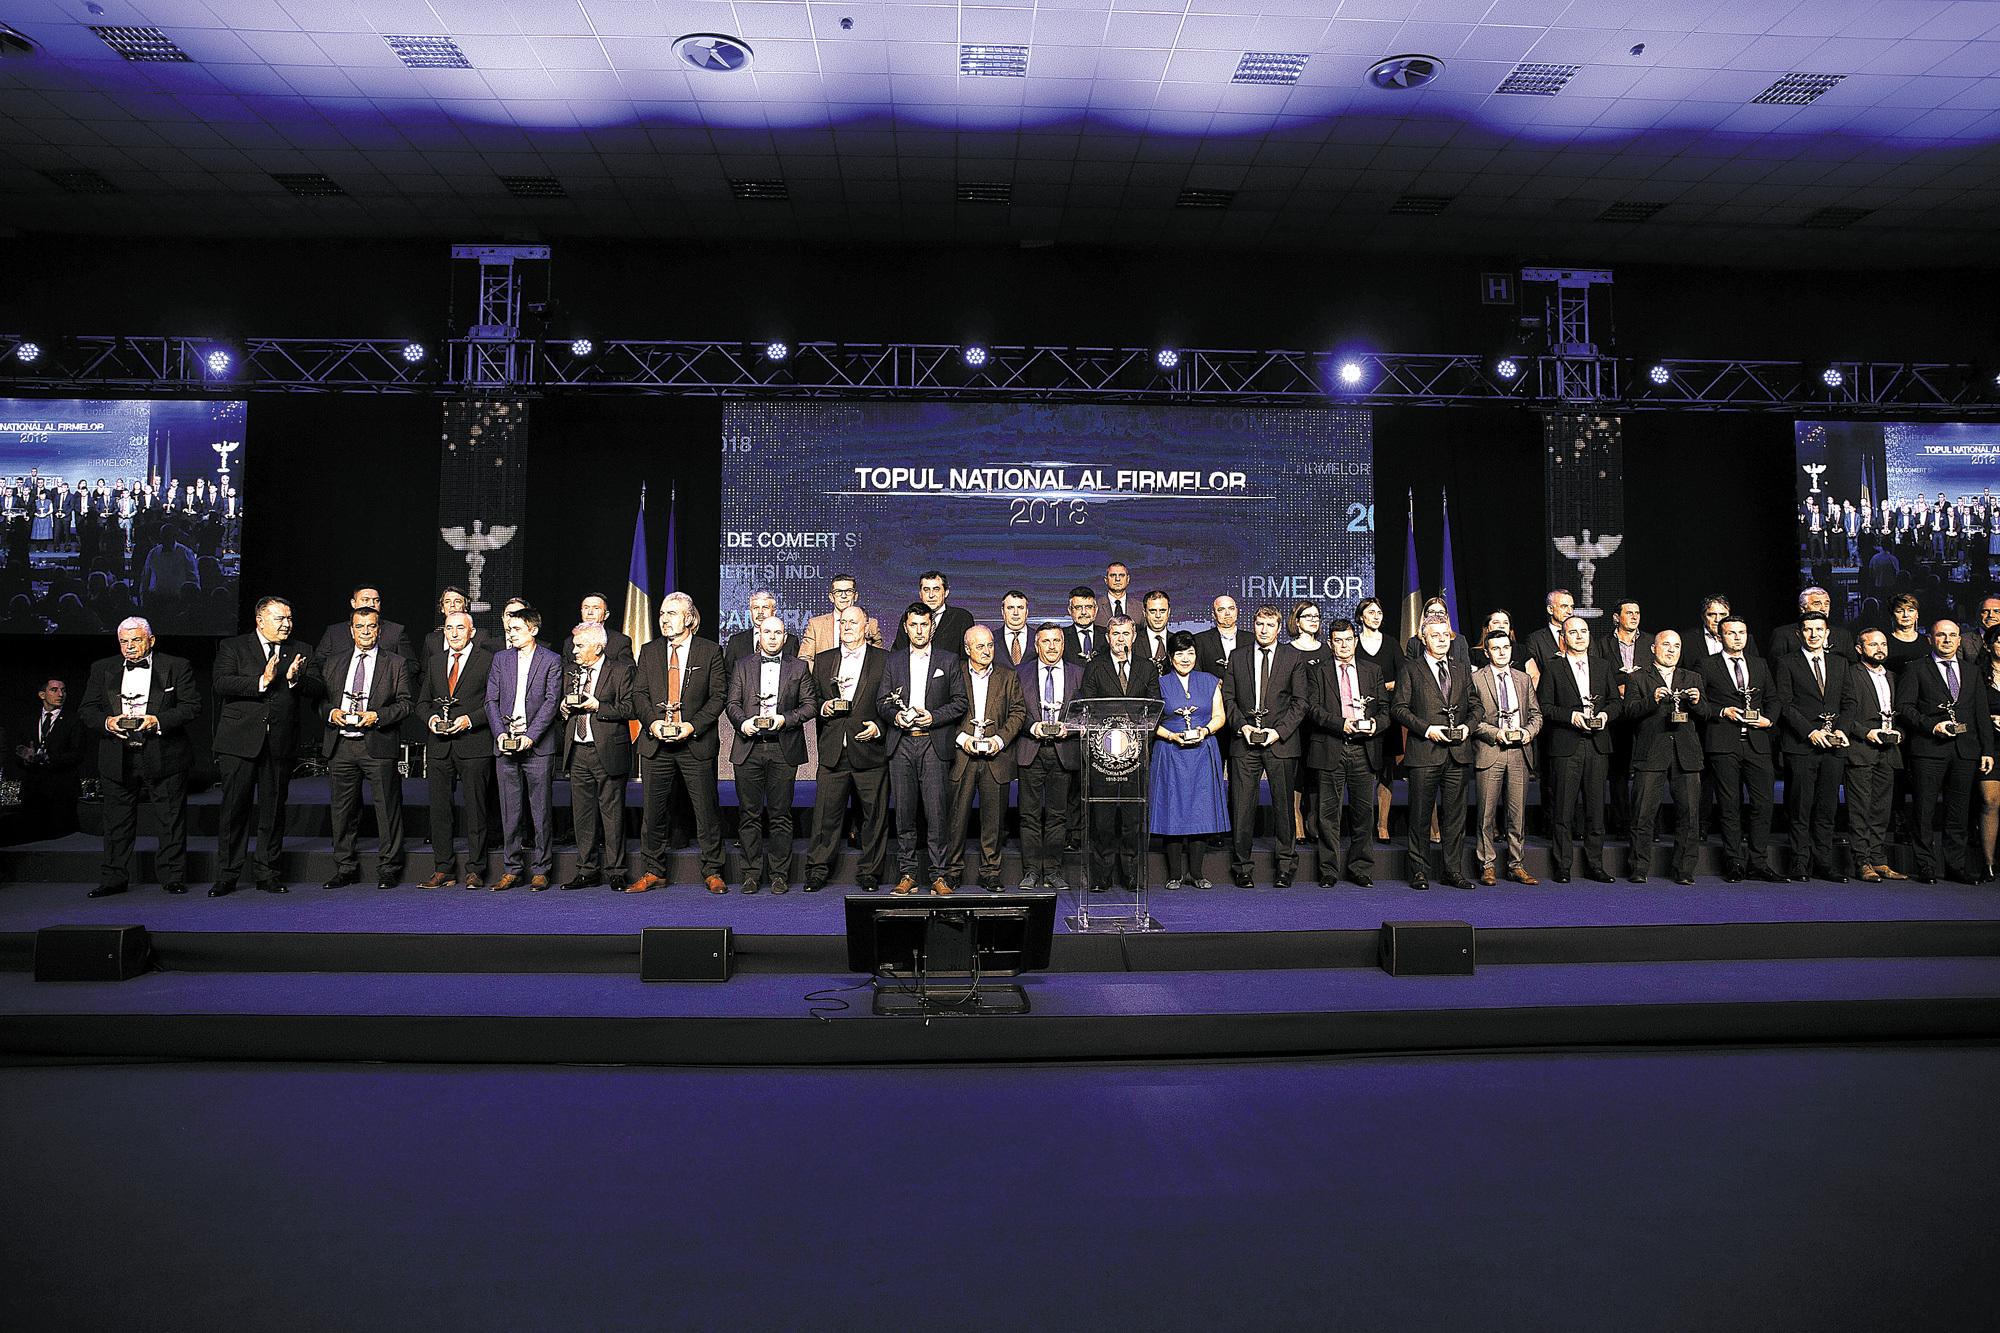 Topul naţional al firmelor 2018 - CCIR: Mihai Daraban, preşedinte al CCIR: În 1994 premiam 759 de firme. Astăzi premiem 12.472 de companii, dar economia este foarte polarizată